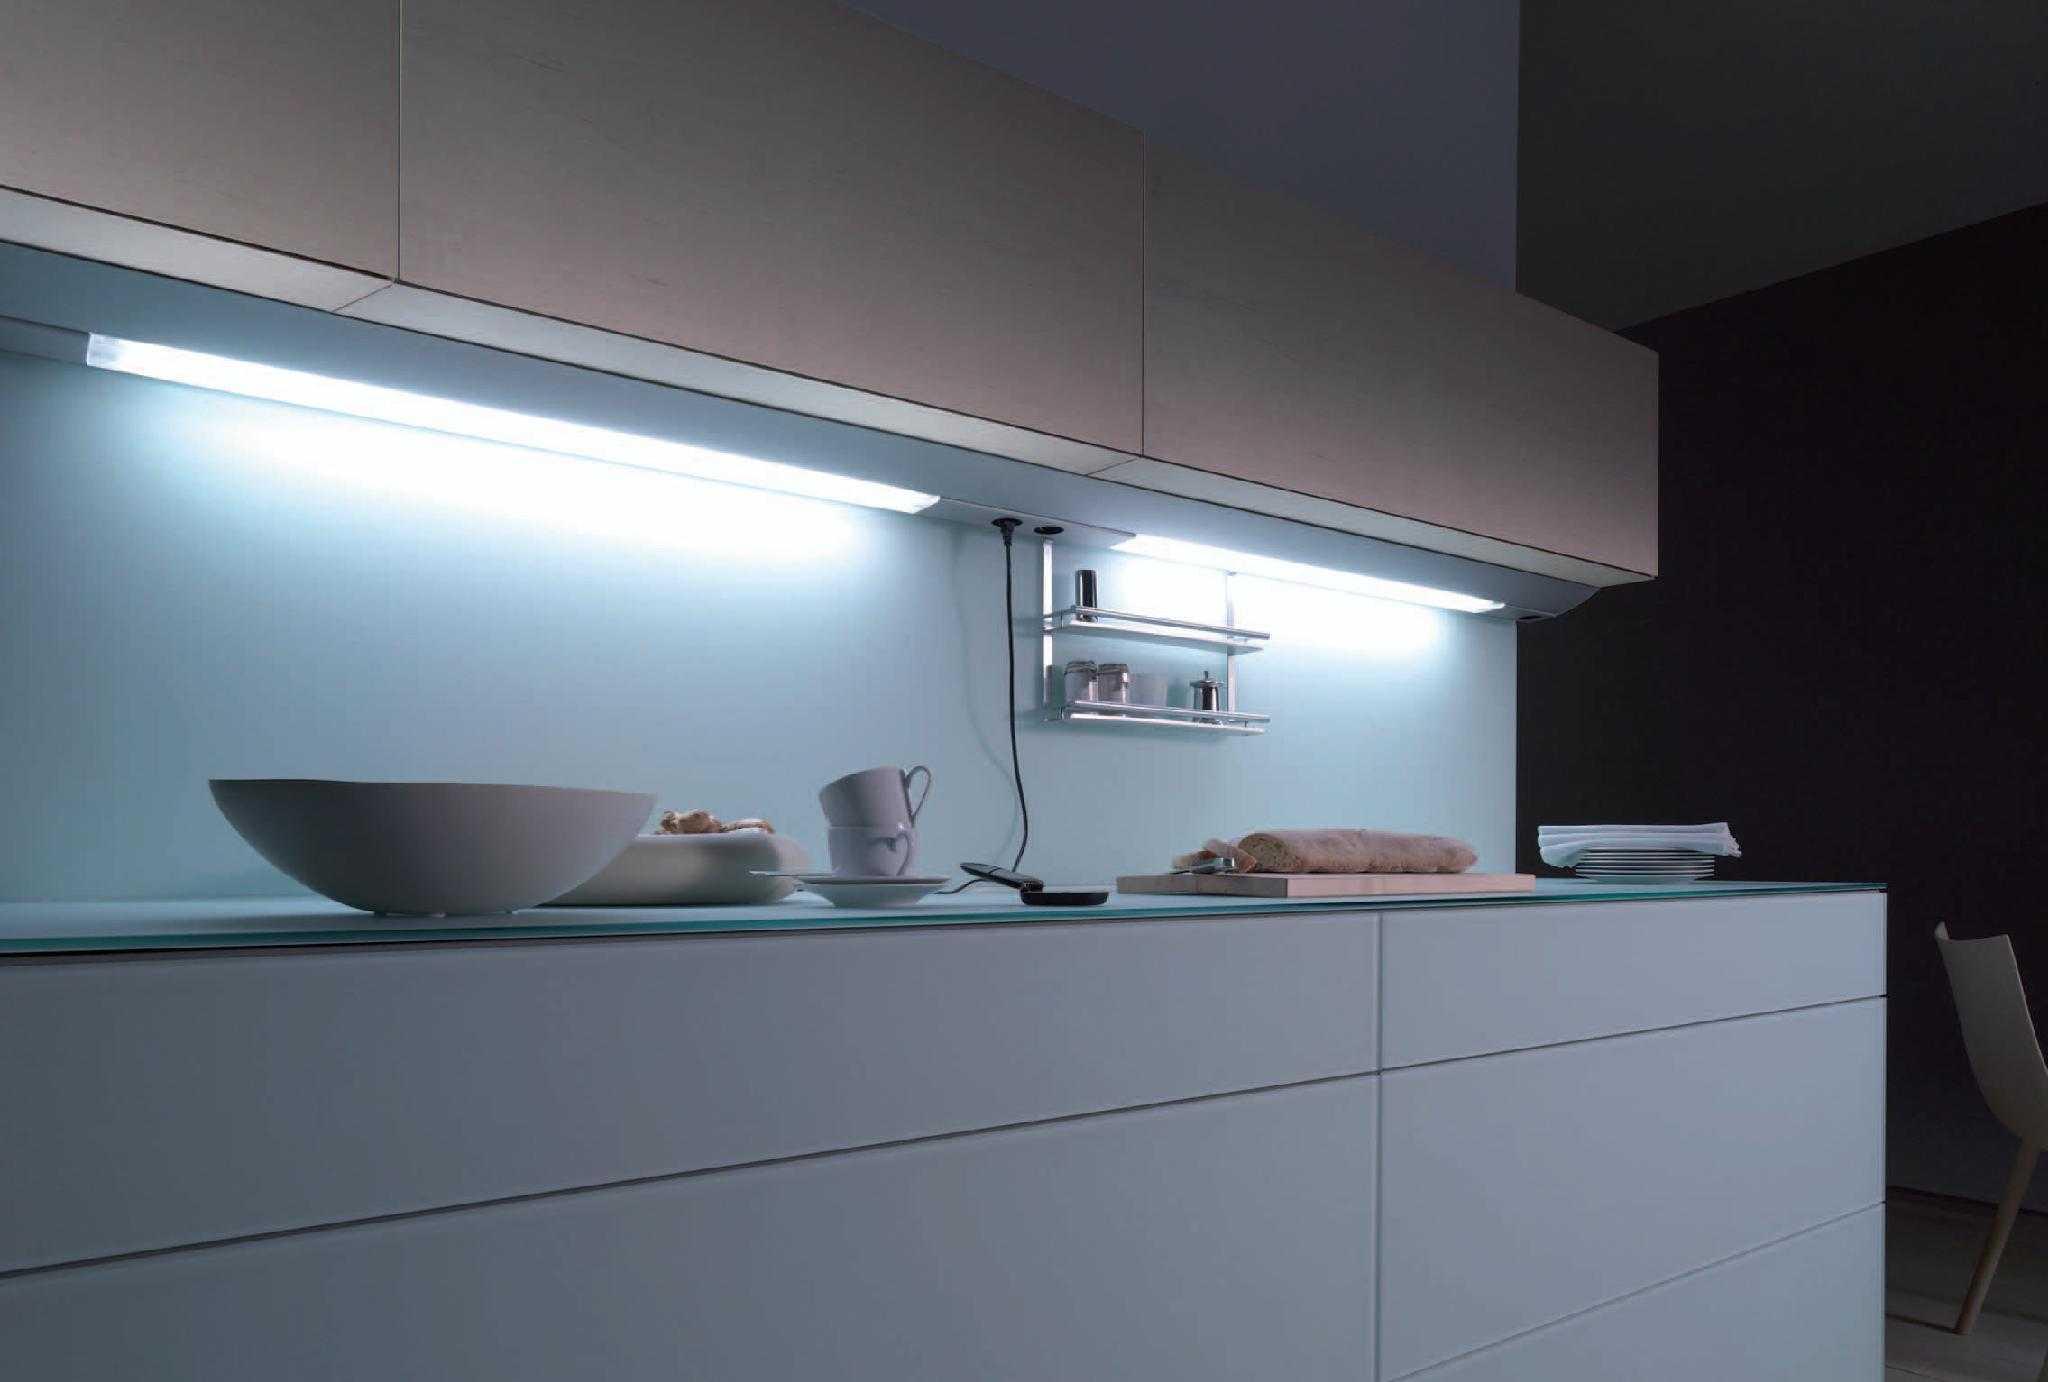 Использование люминесцентных ламп на кухне